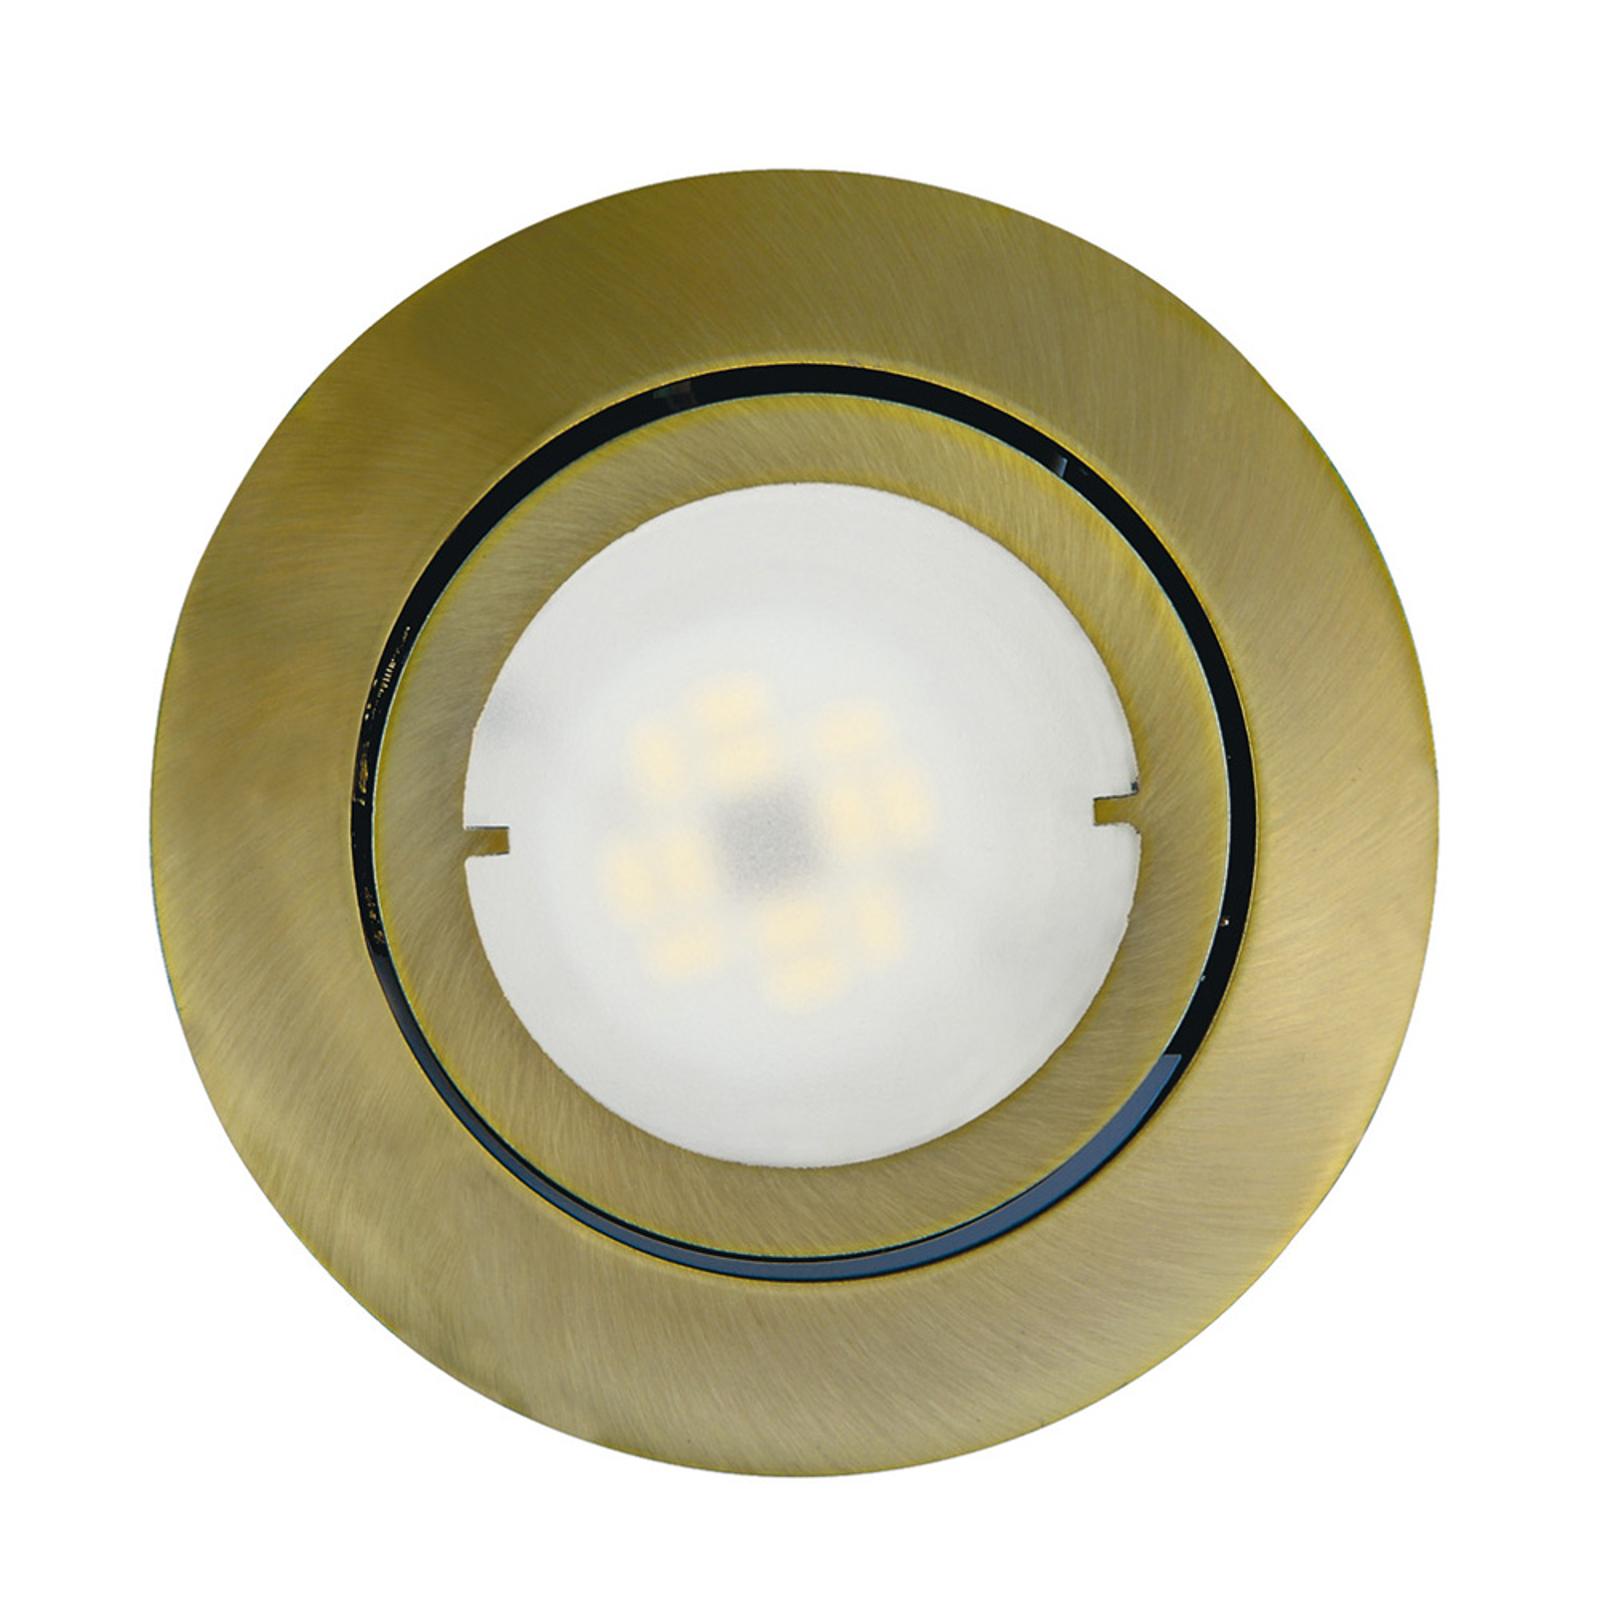 Joanie LED-indbygningslampe, antik messing